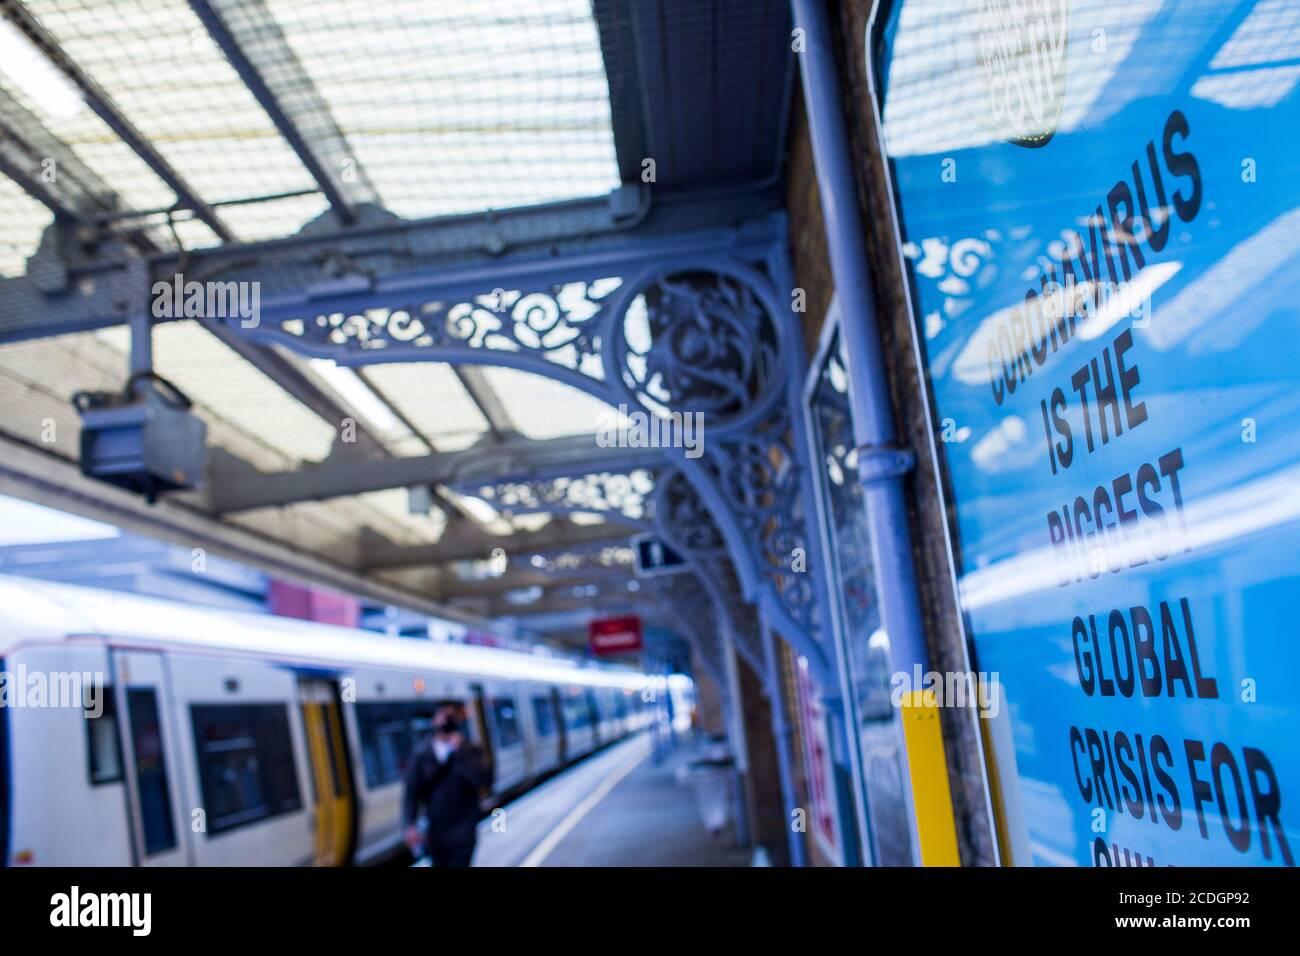 Señales de Covid 19 en la red ferroviaria del sudeste en Kent, Reino Unido. Durante el Covid19, el virus de la corona, brote que se propagó por todo el mundo. Foto de stock